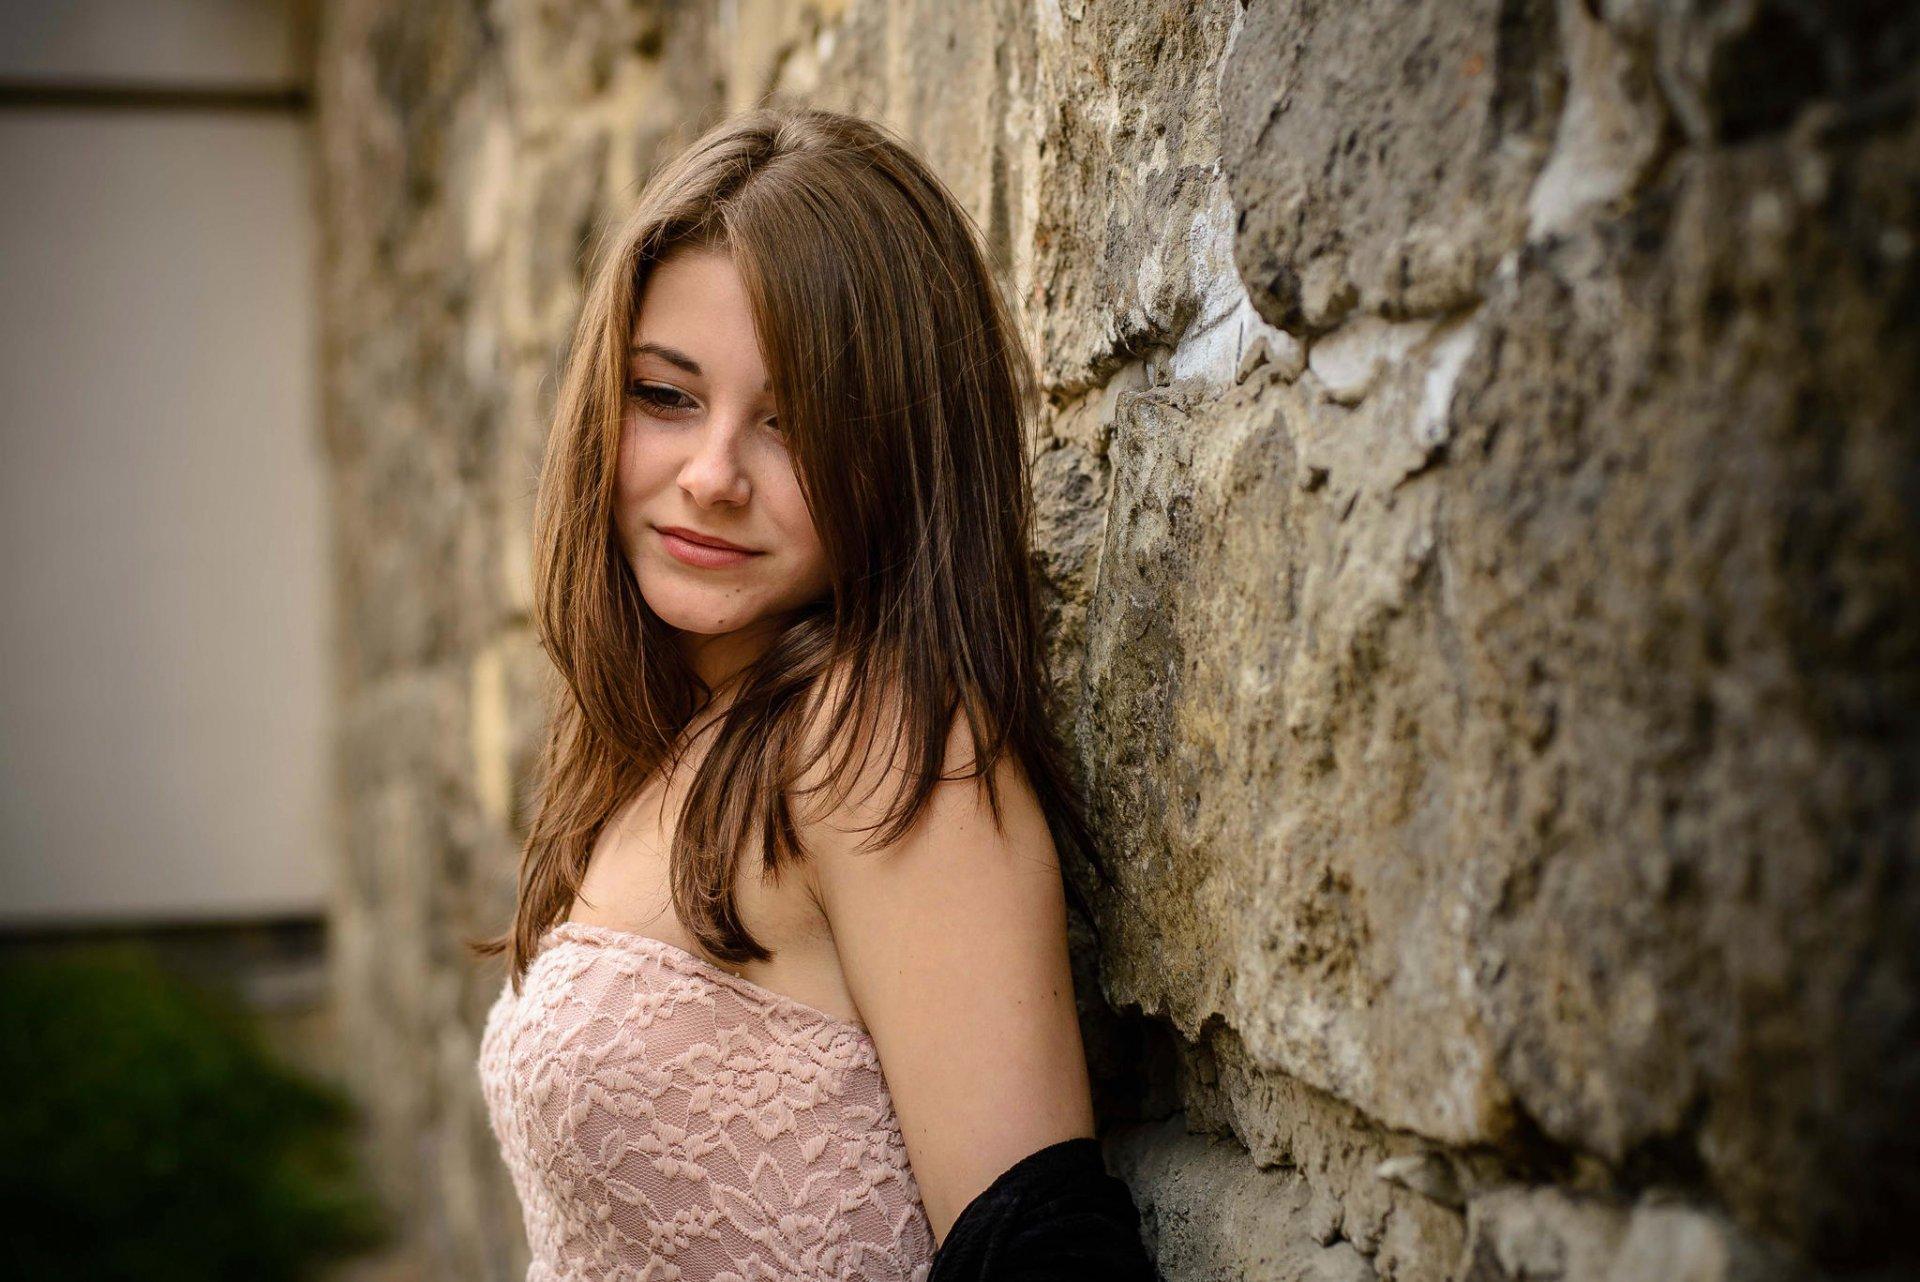 Фотки скромных красивых девушек #14